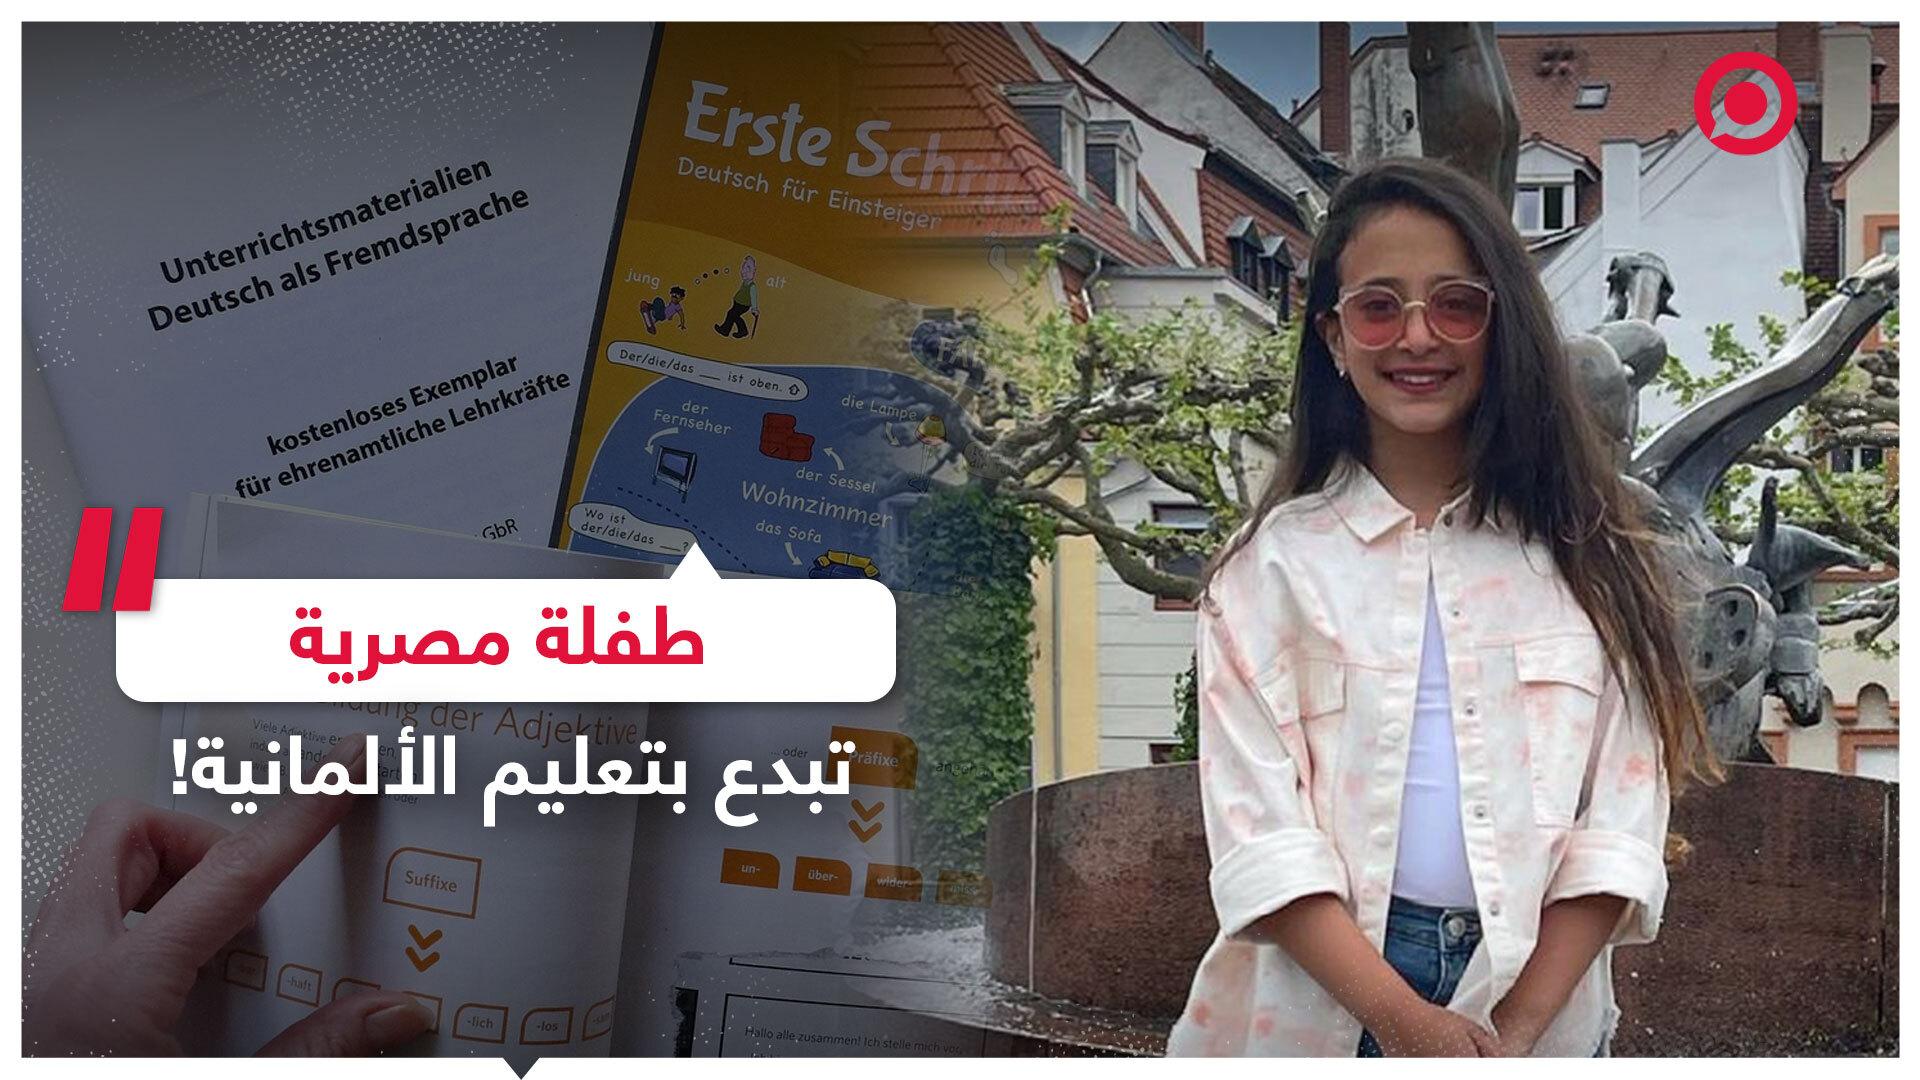 طفلة مصرية تبدع في طريقة تعليم اللغة الألمانية